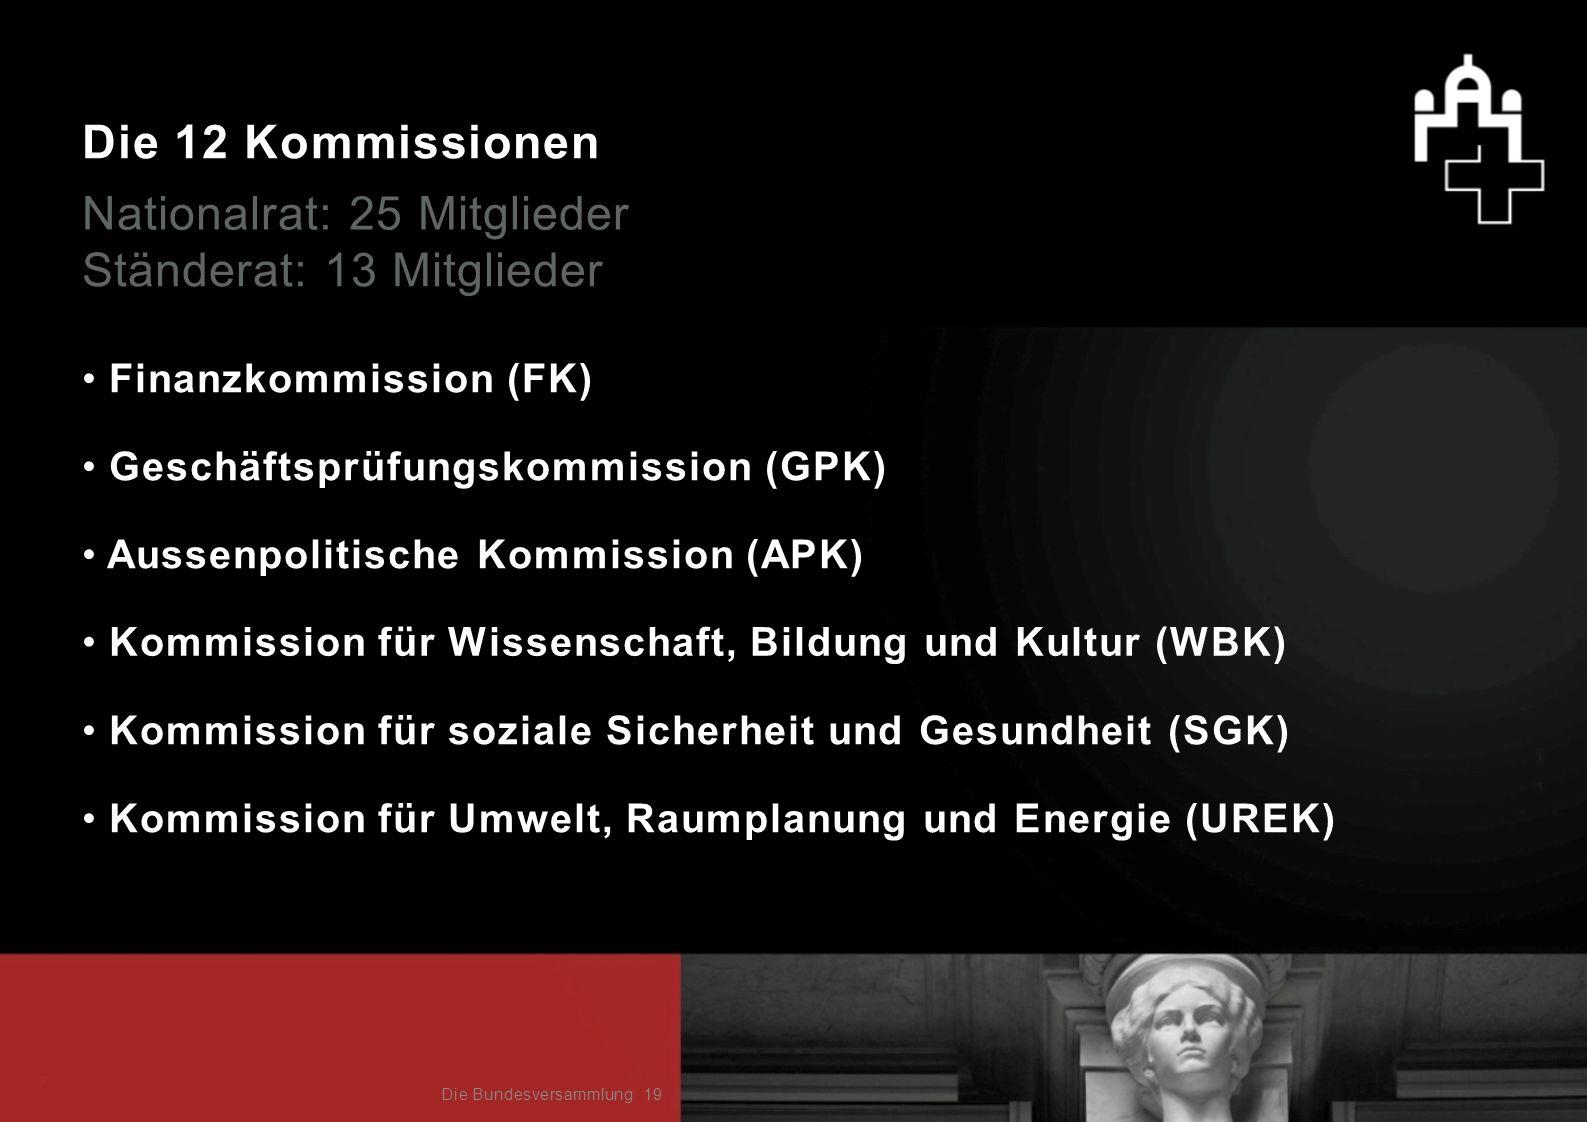 Die 12 Kommissionen Nationalrat: 25 Mitglieder Finanzkommission (FK) Ständerat: 13 Mitglieder Geschäftsprüfungskommission (GPK) Aussenpolitische Kommi